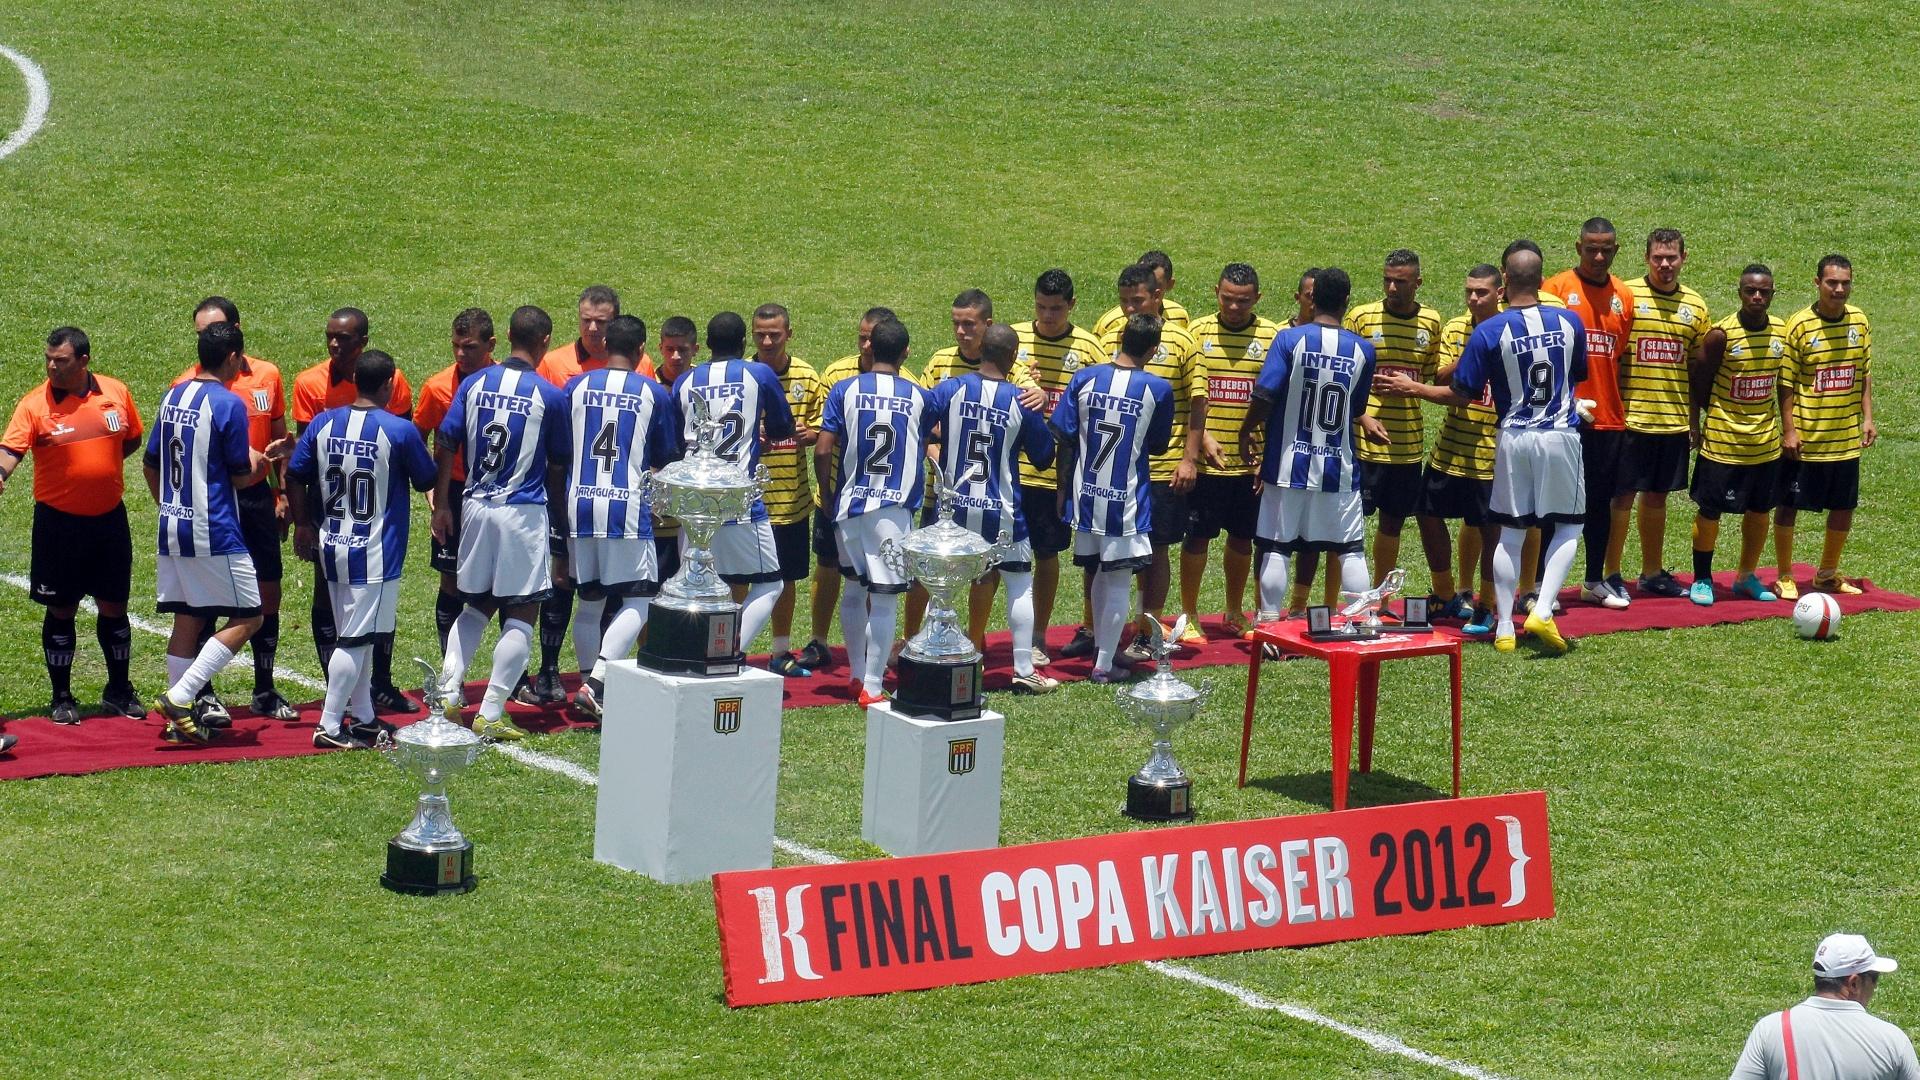 Jogadores do Unidos da Pacarana (amarelo) e do Inter se cumprimentam antes da final da série B da Copa Kaiser